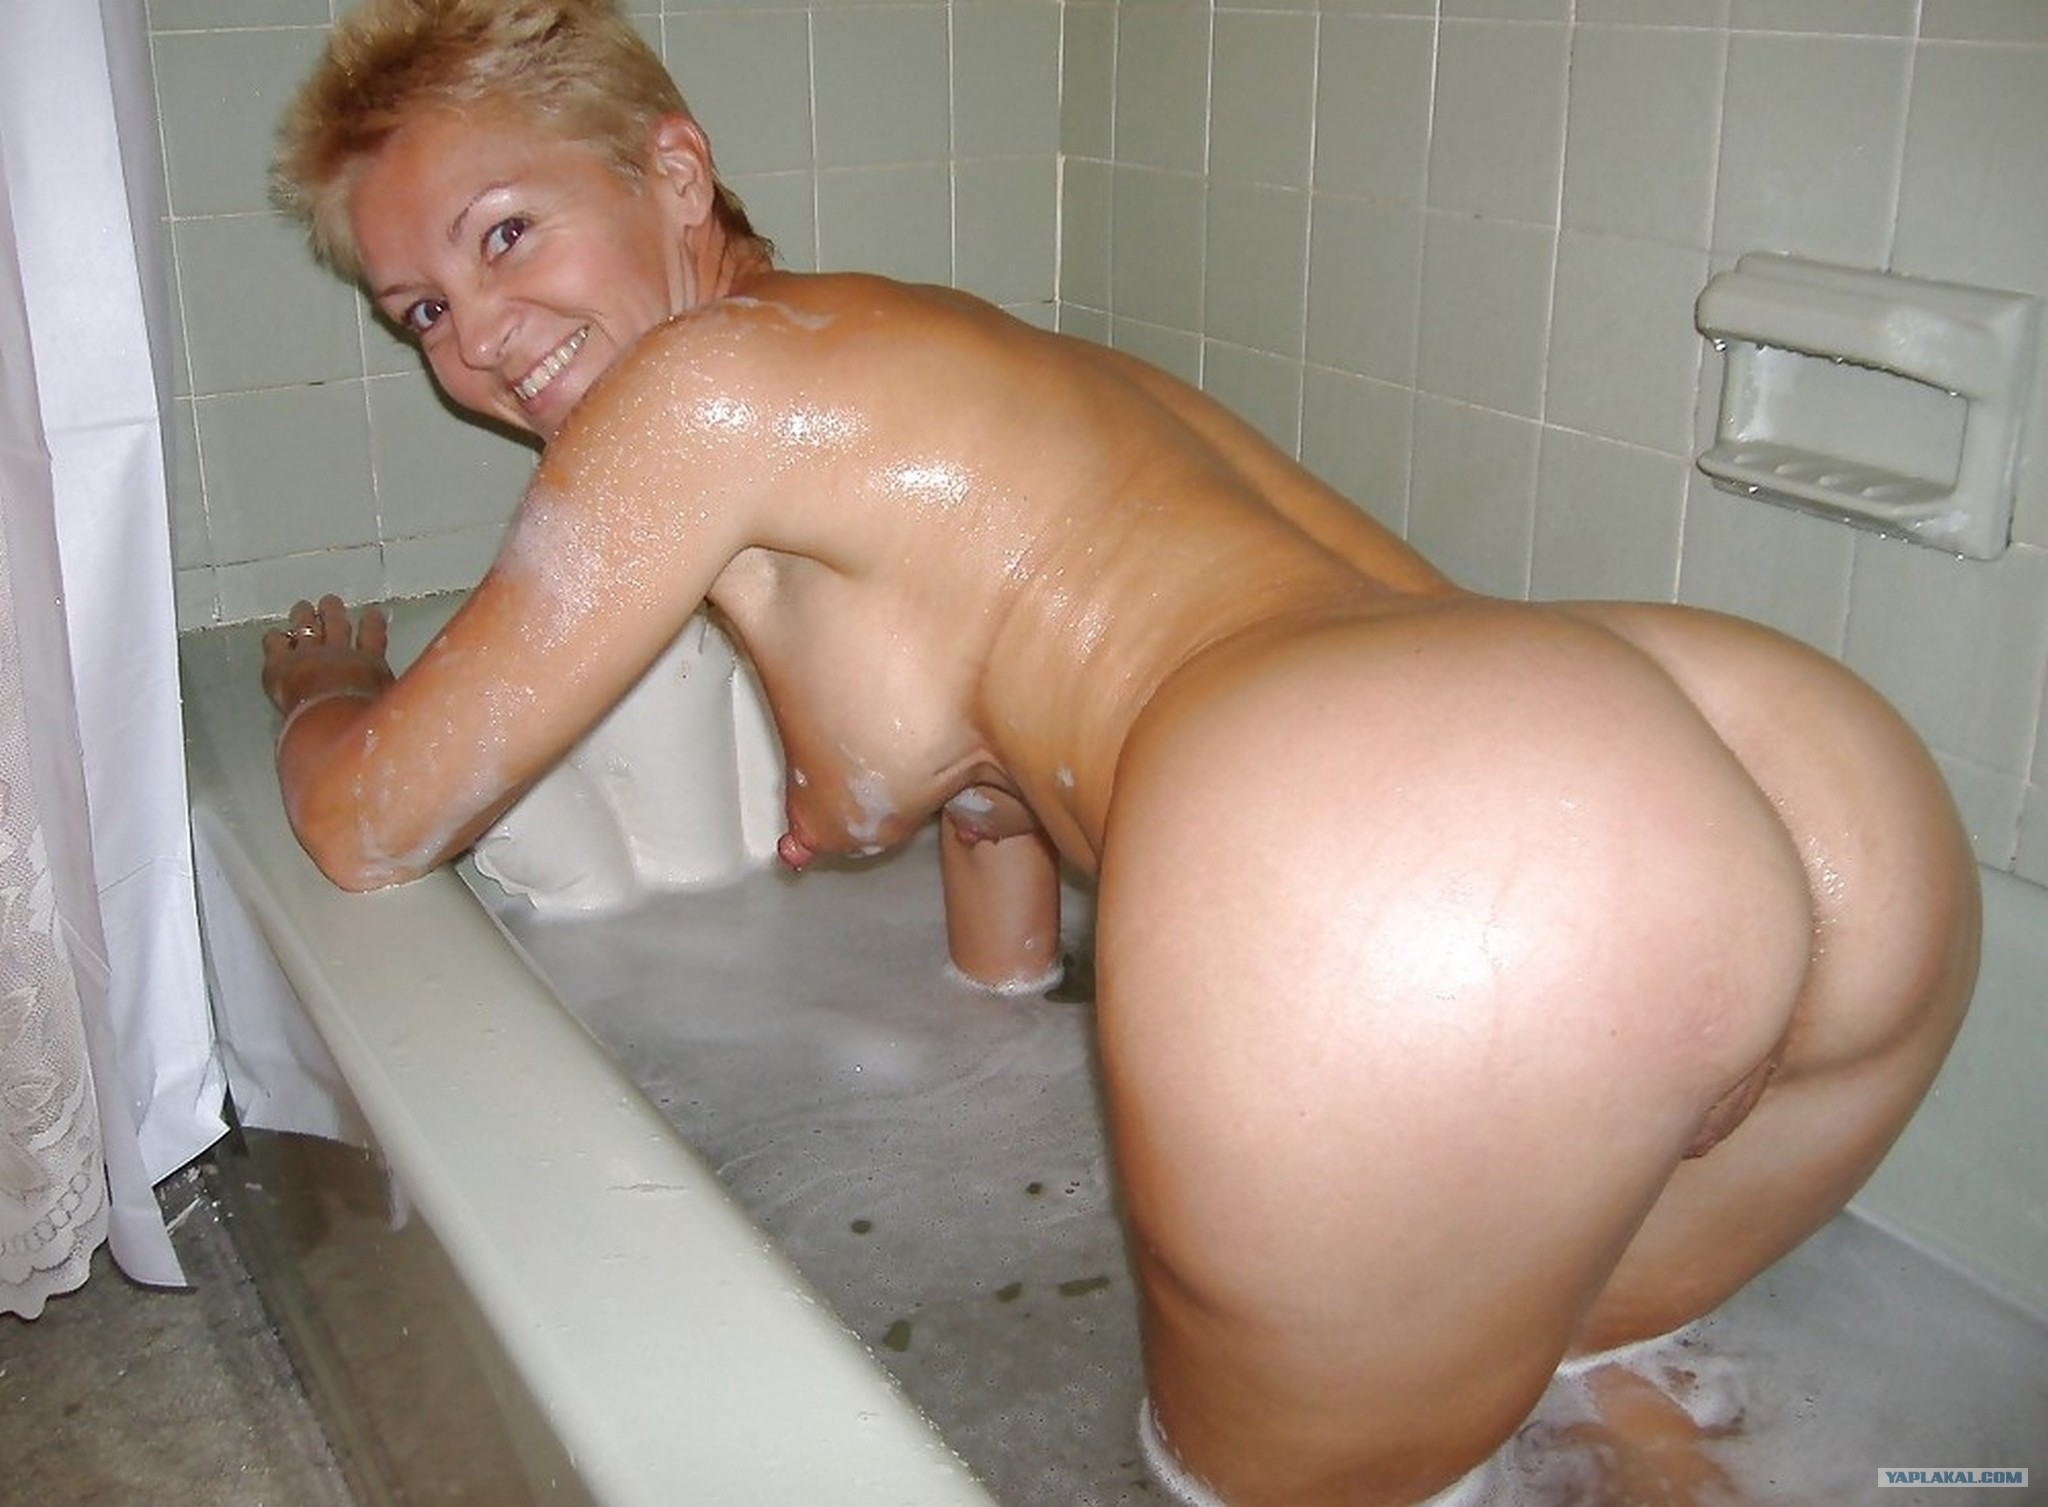 Шикарные зрелые мамочки порно фото 5 фотография